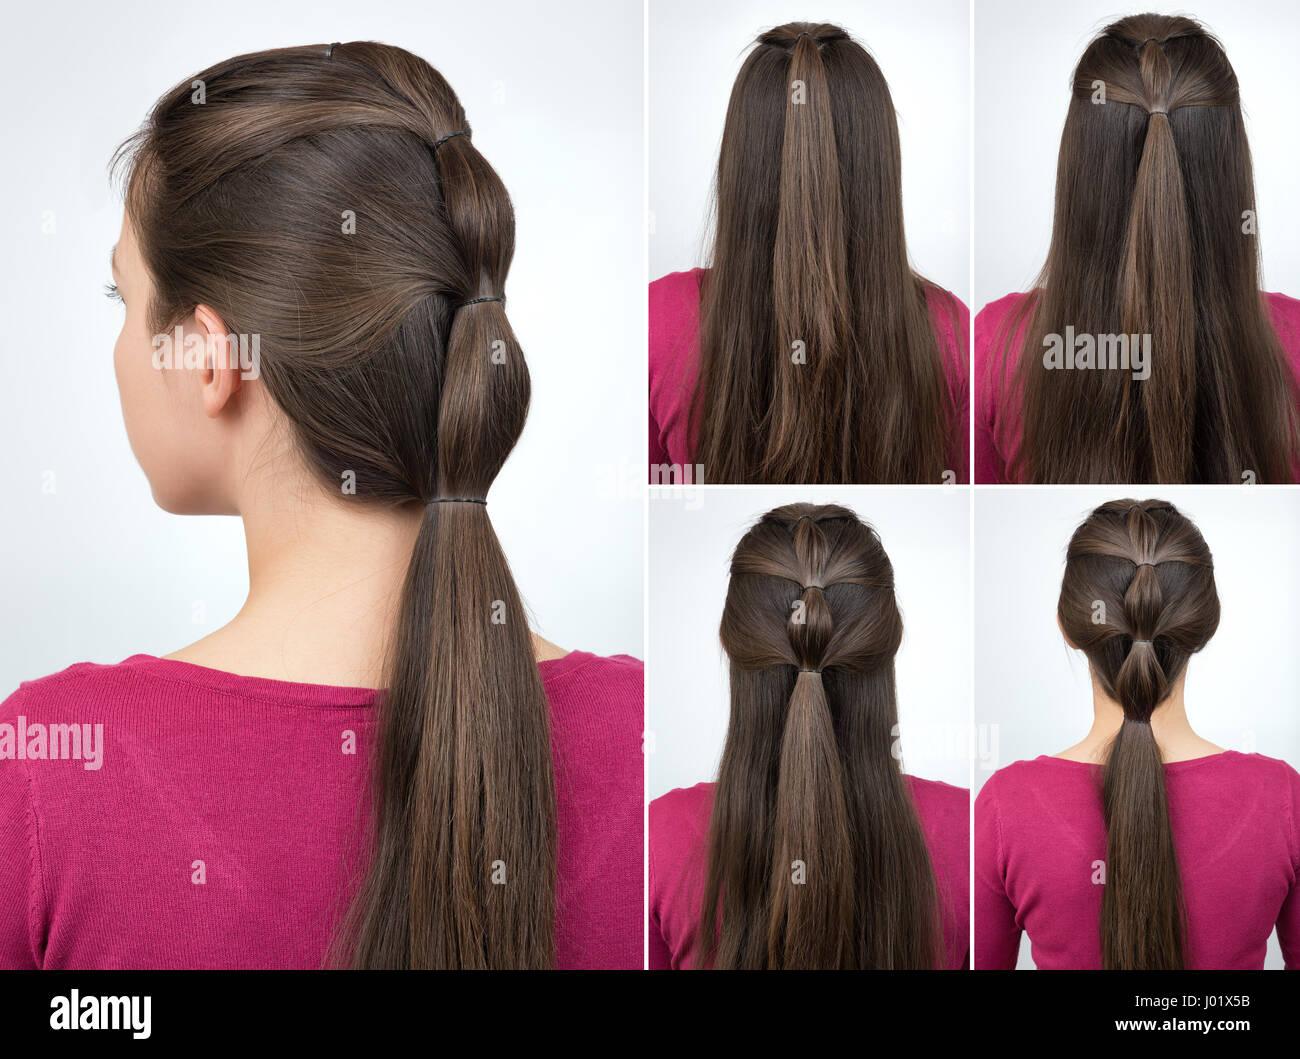 Einfache Frisur Pferdeschwanz Mit Haargummi Tutorial Haar Tutorial